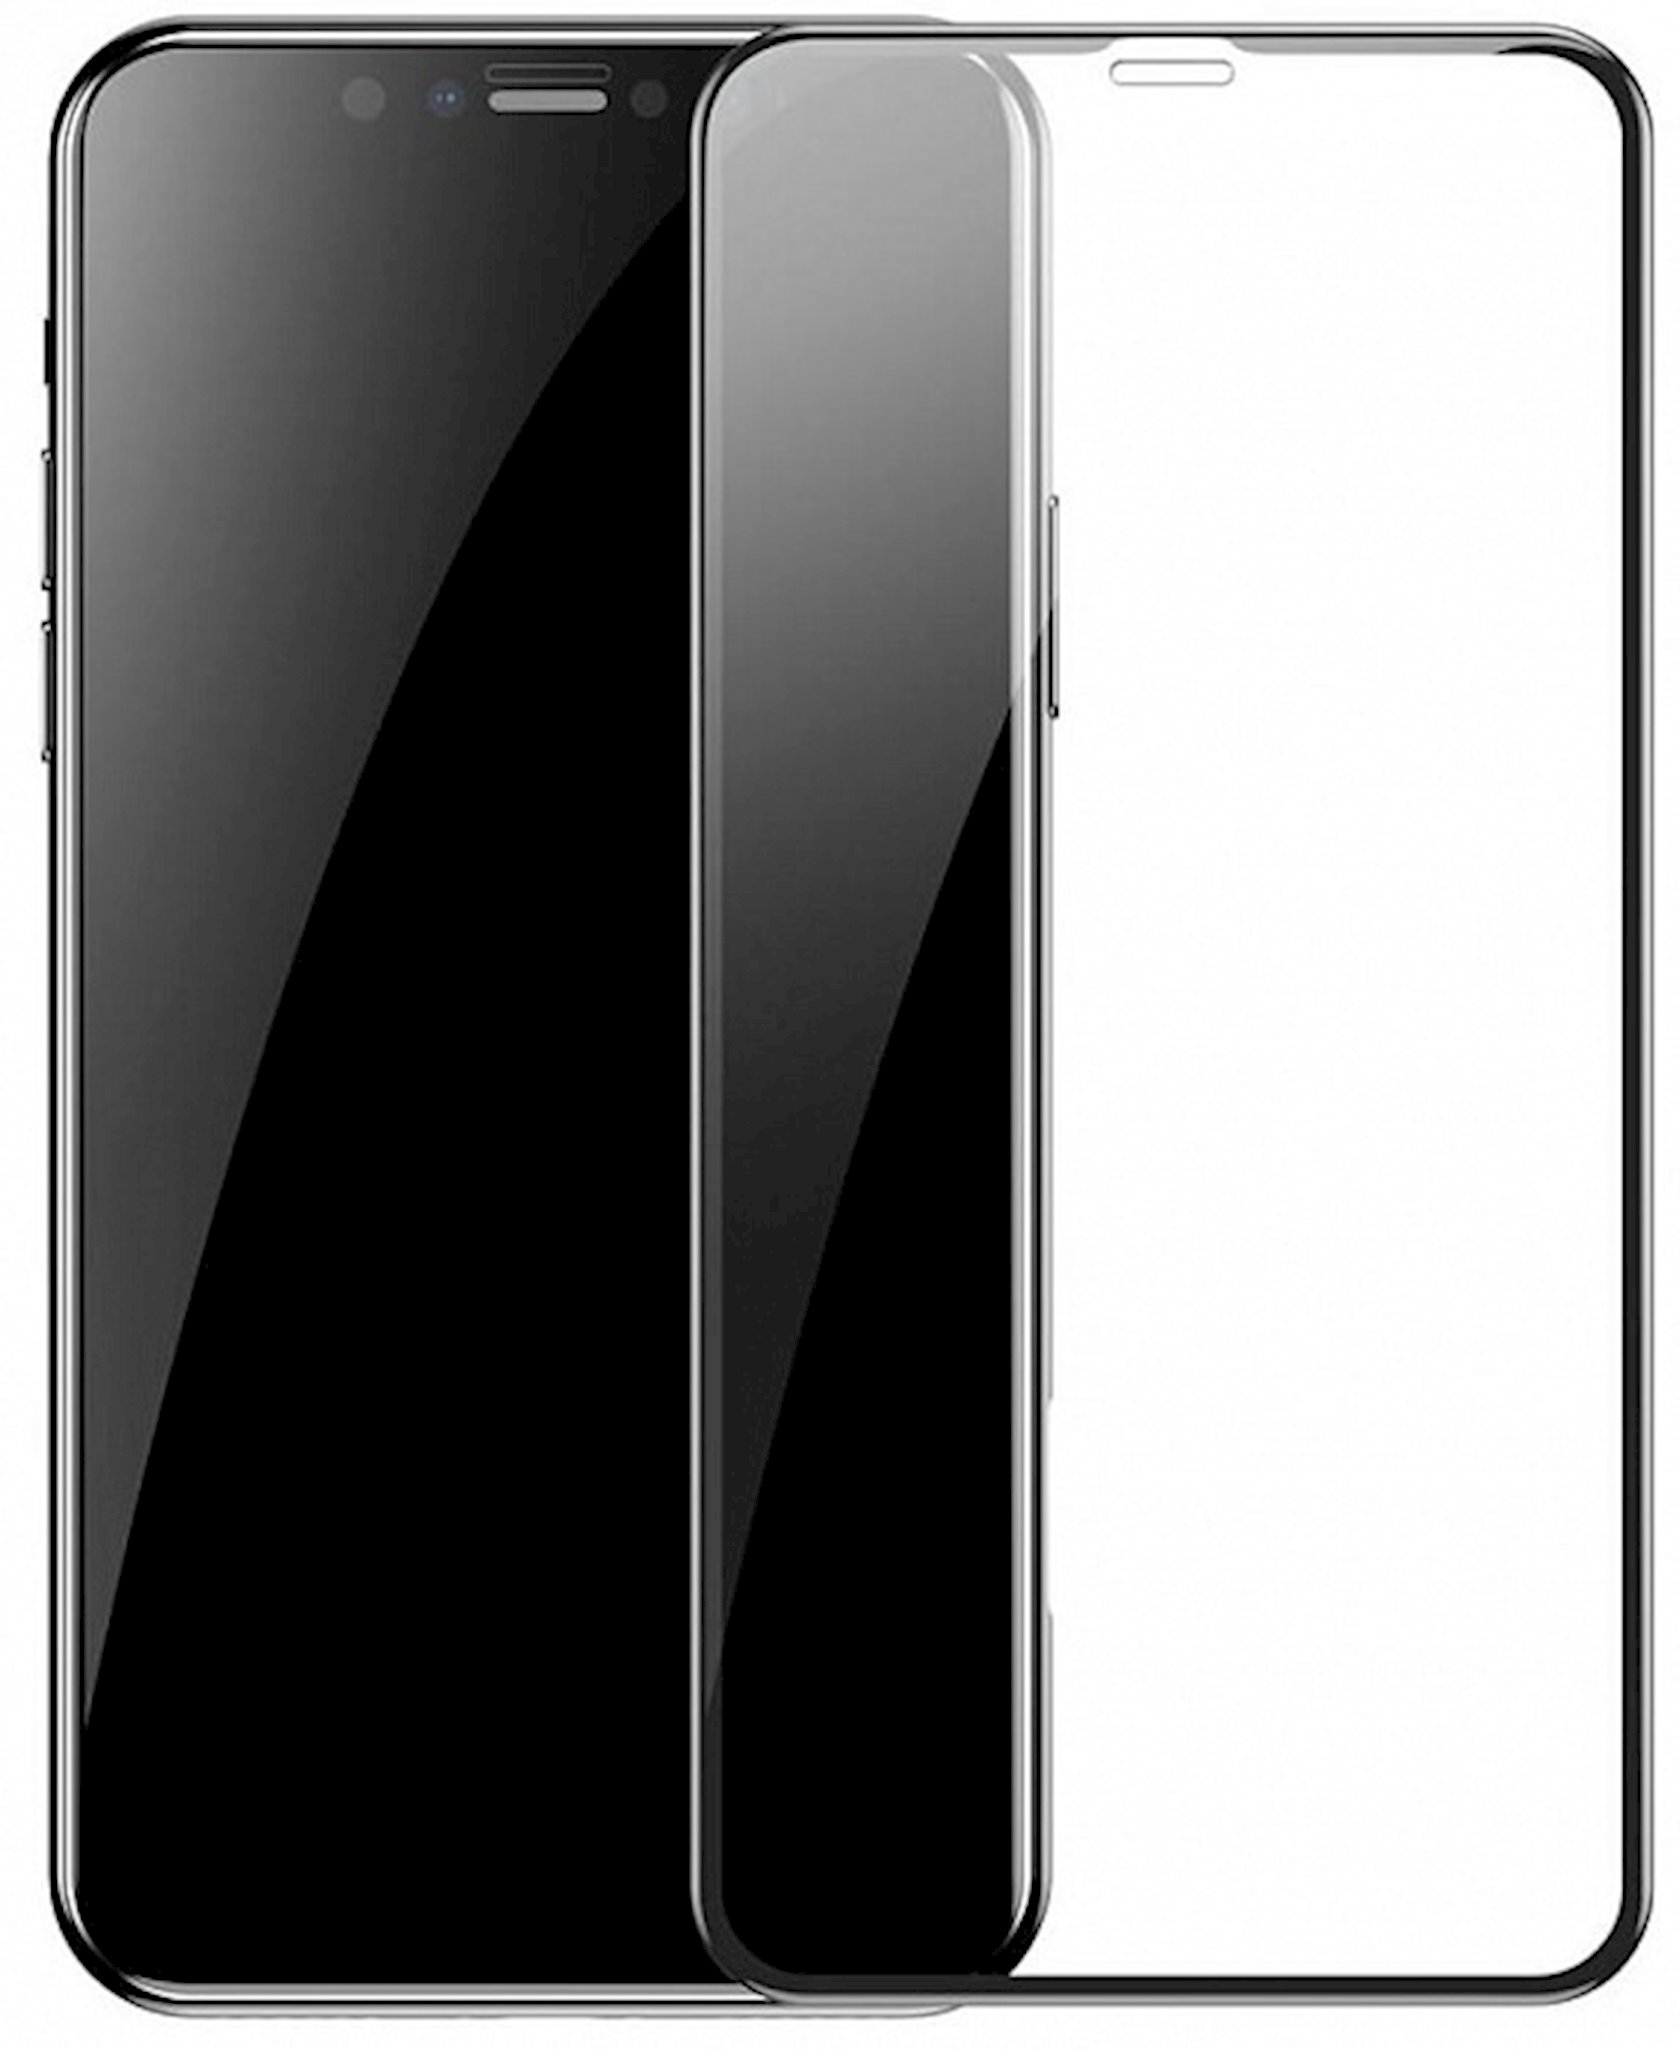 Qoruyucu şüşə Baseus Sgapiph65-wc01 Apple iphone XS Max